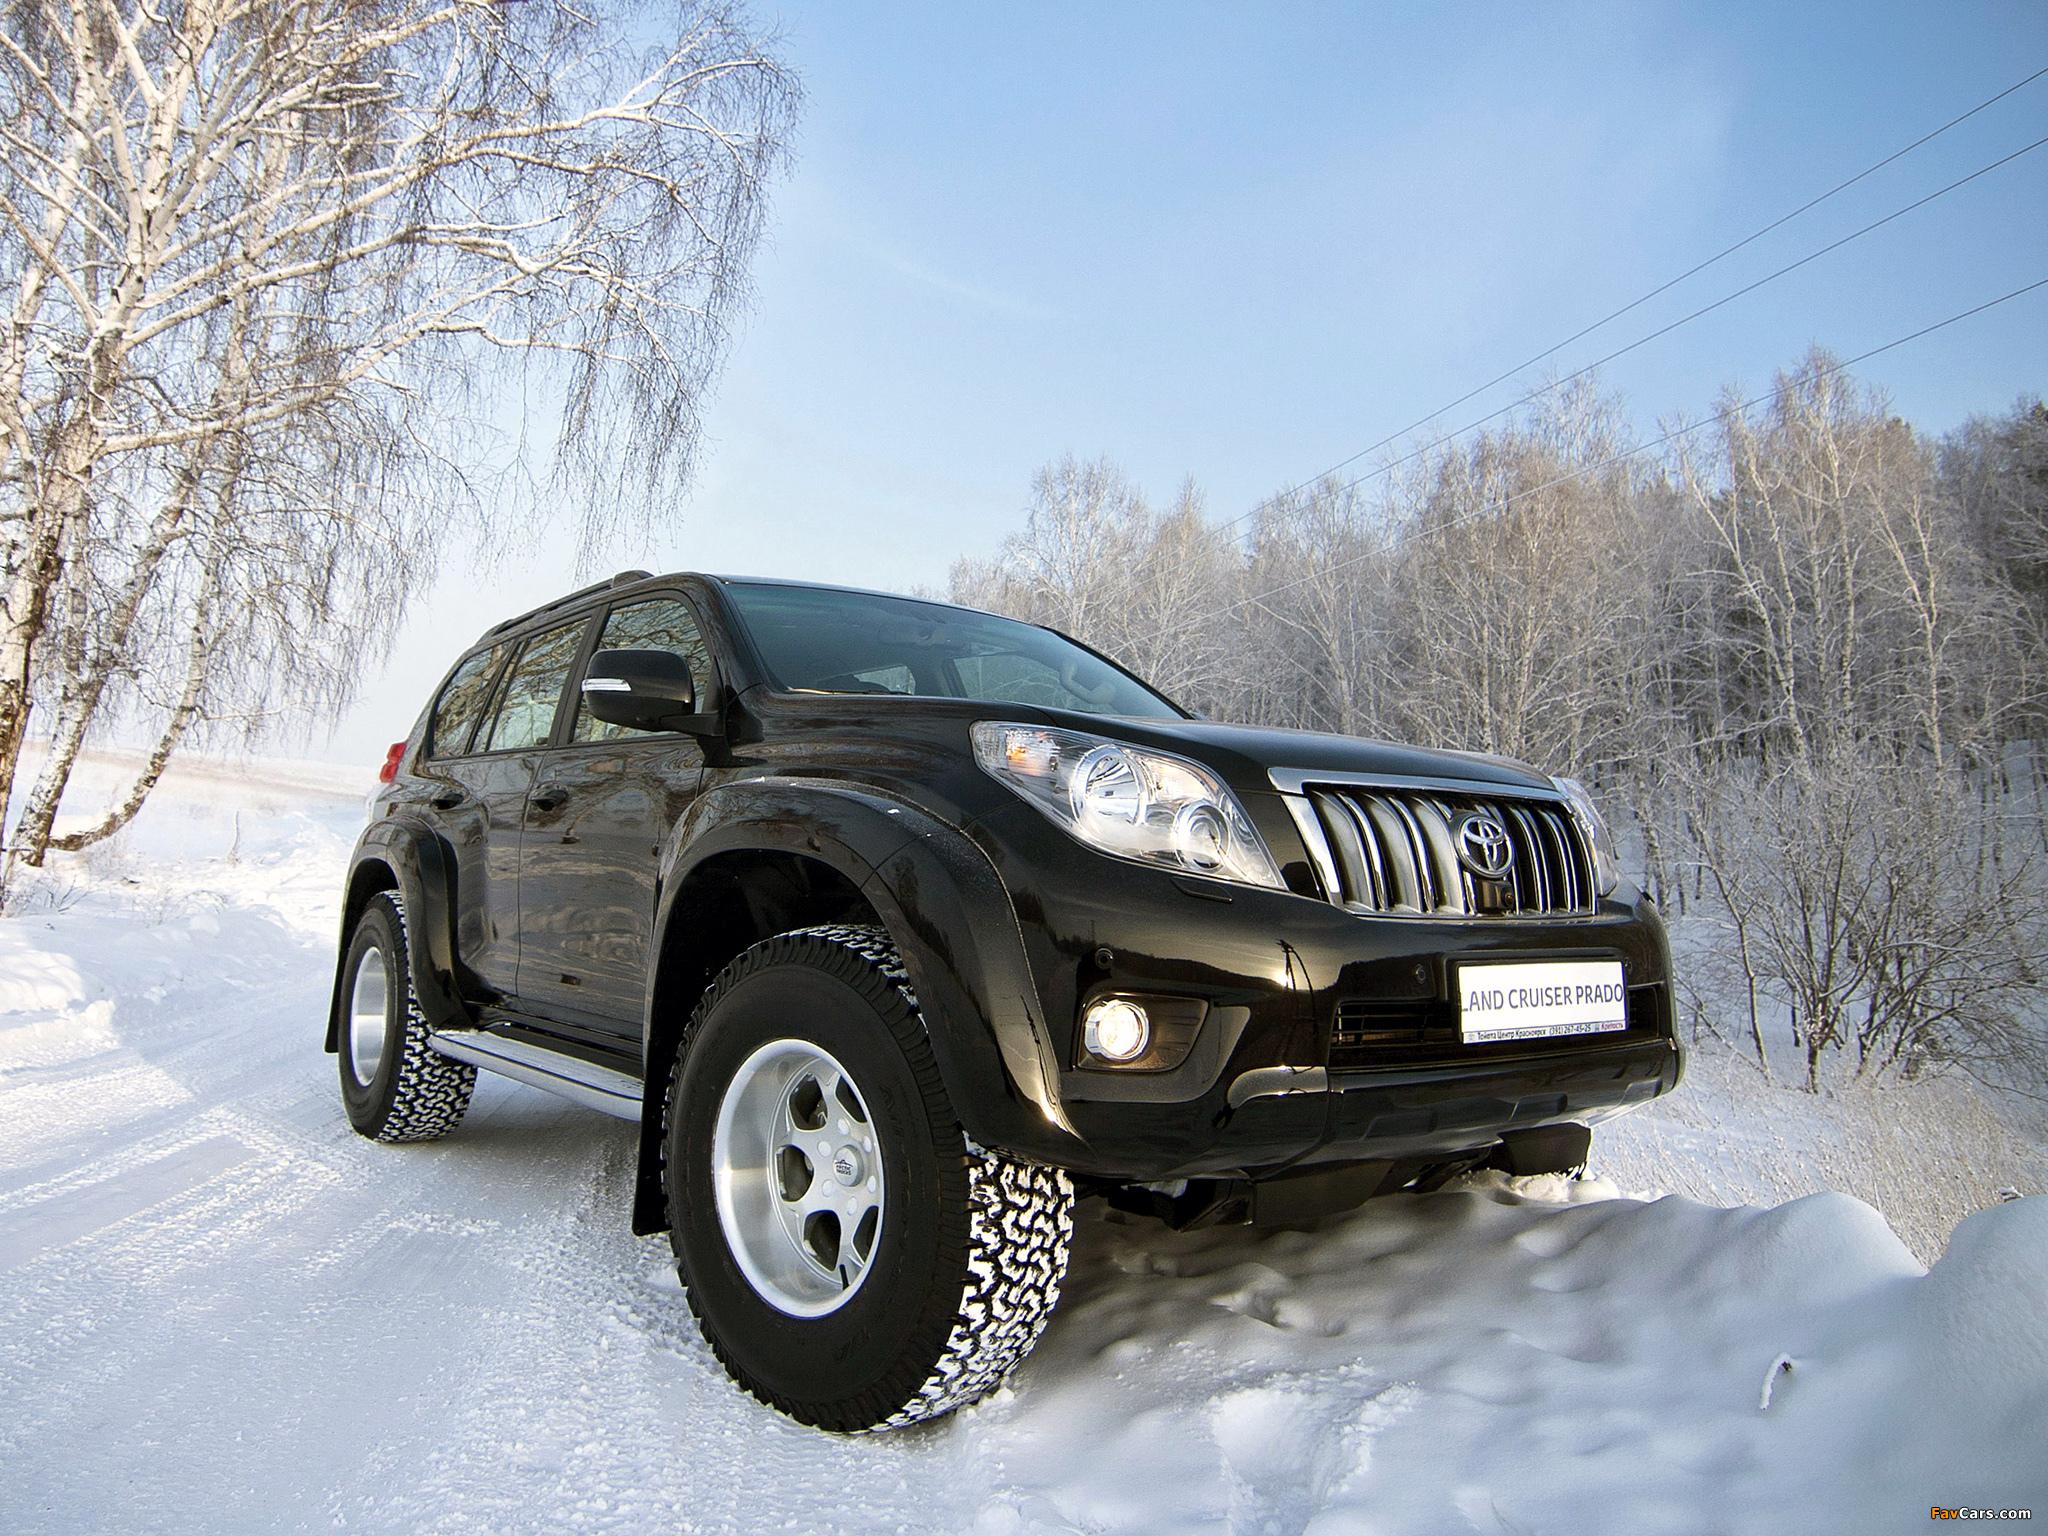 All pictures of Arctic Trucks Toyota Land Cruiser Prado